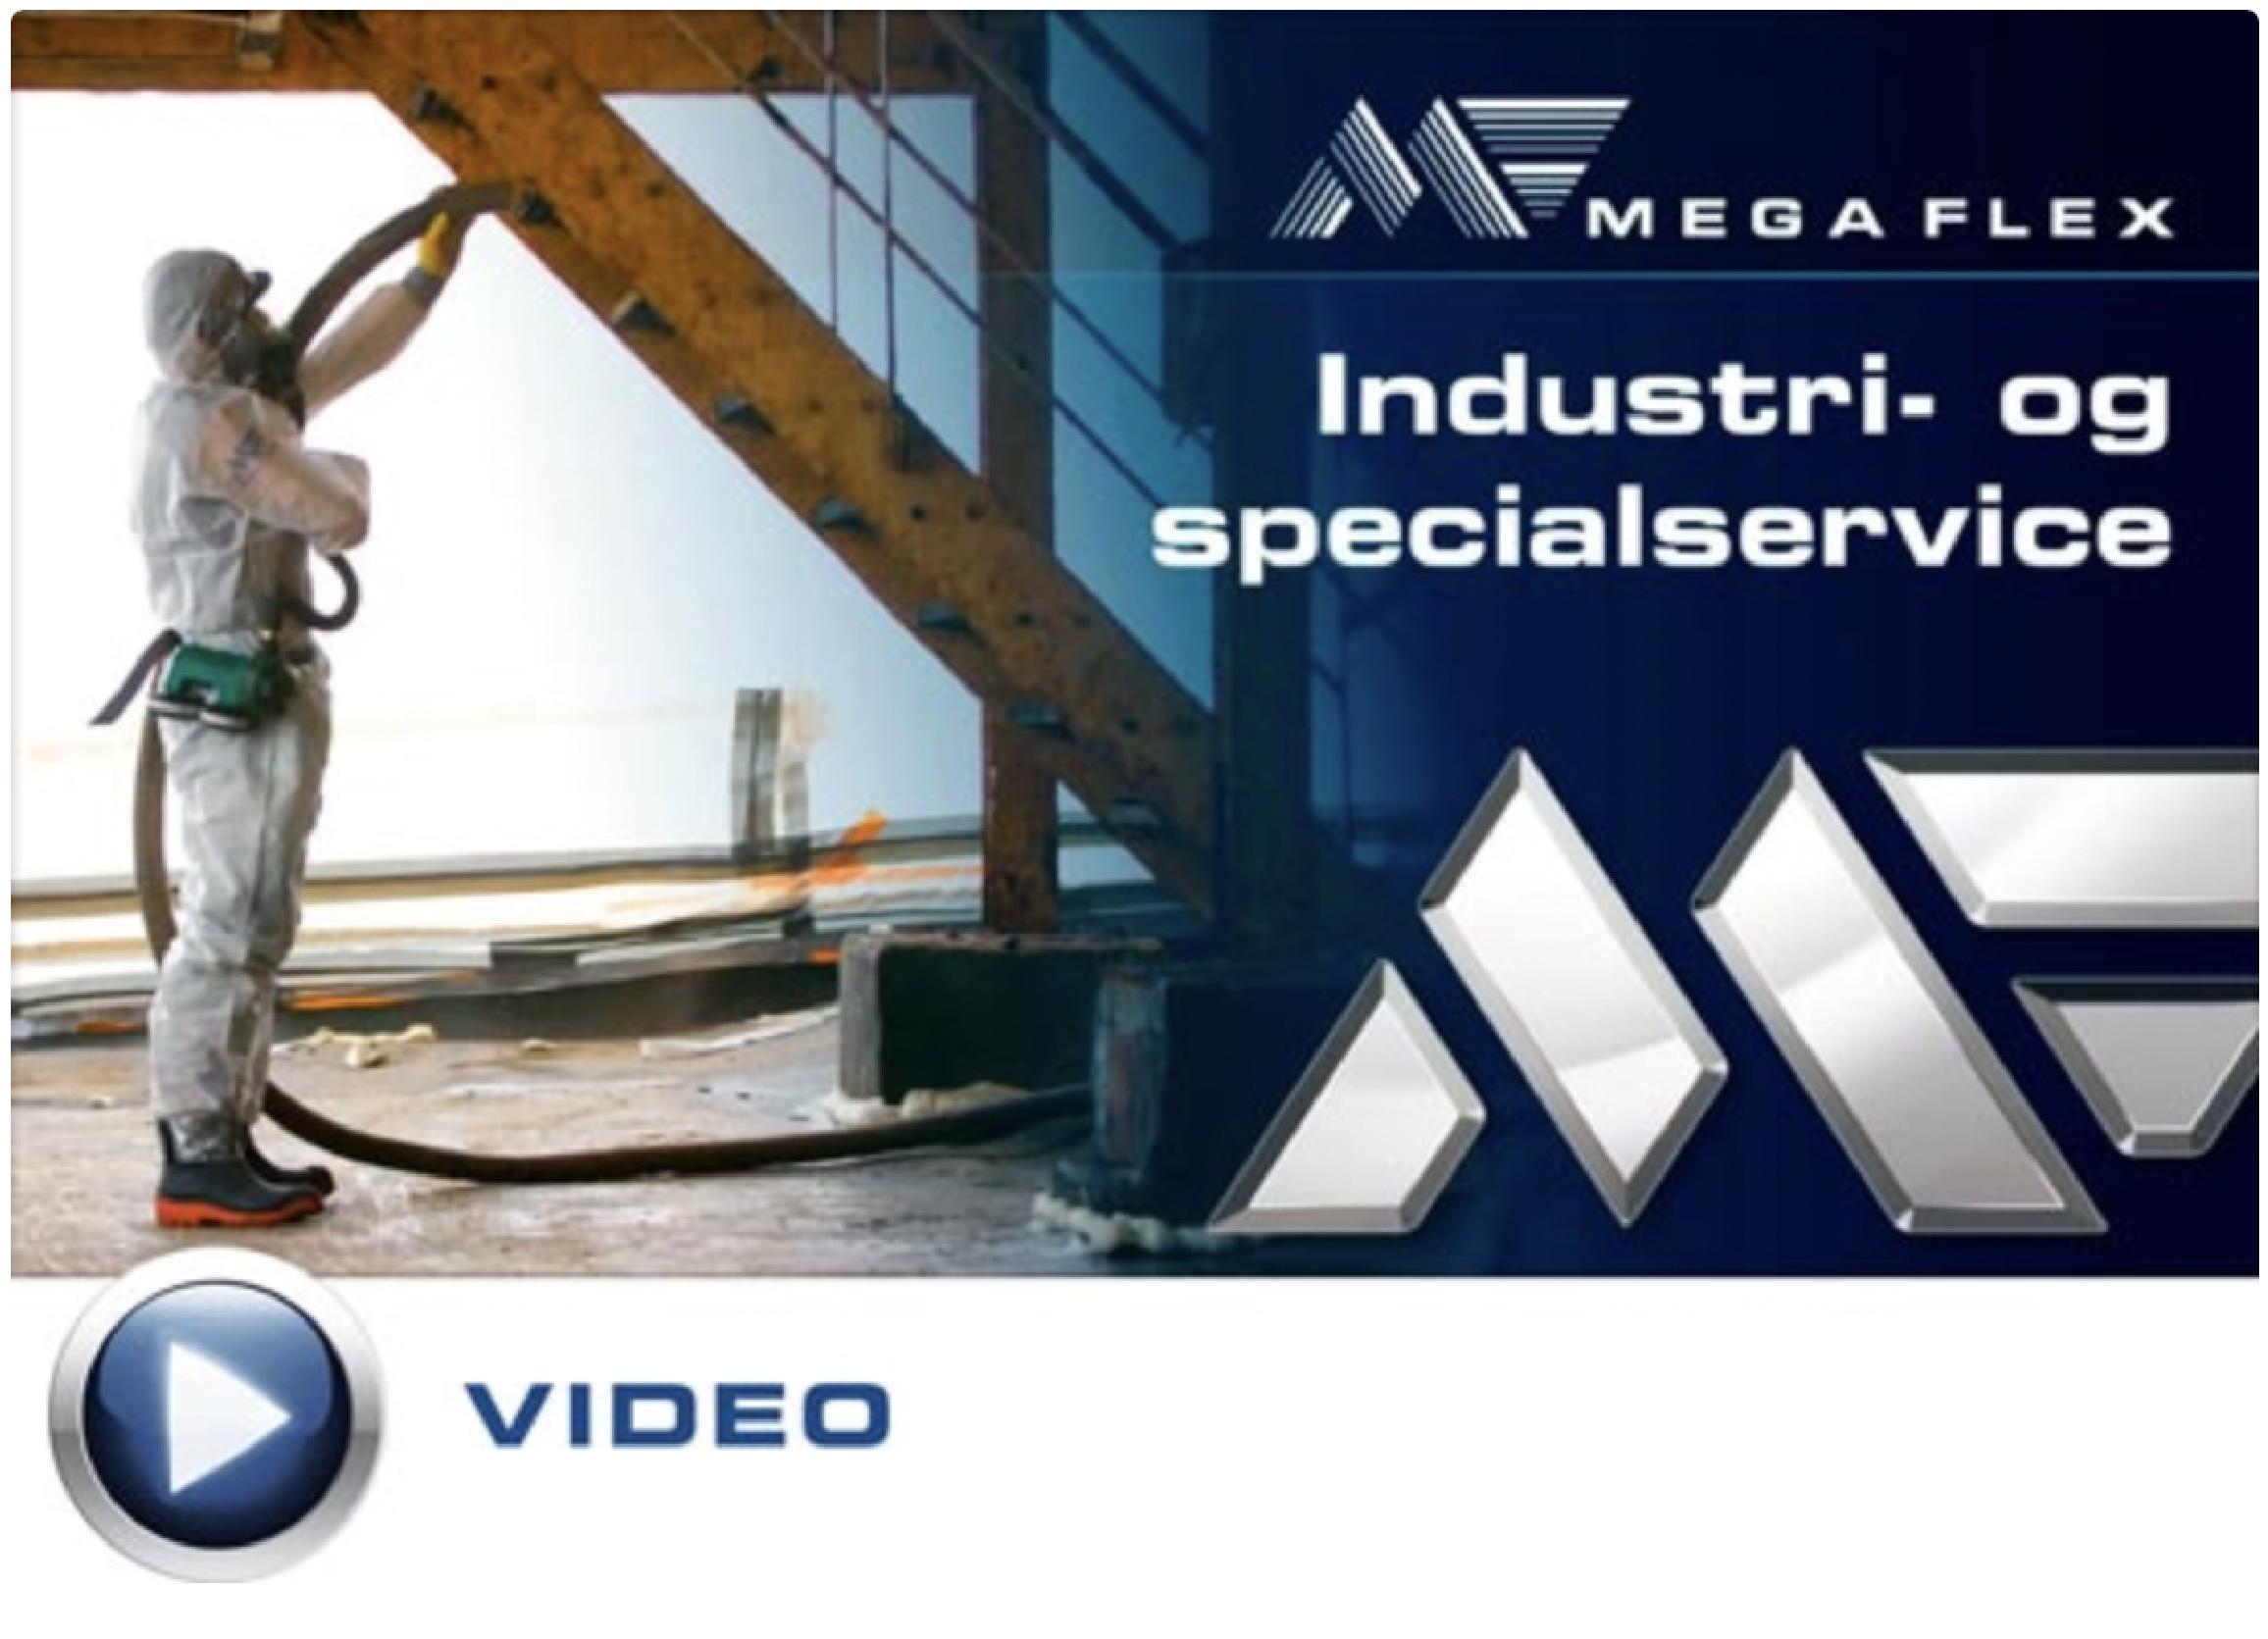 MegaFlex Video_Industri- og specialservice-02